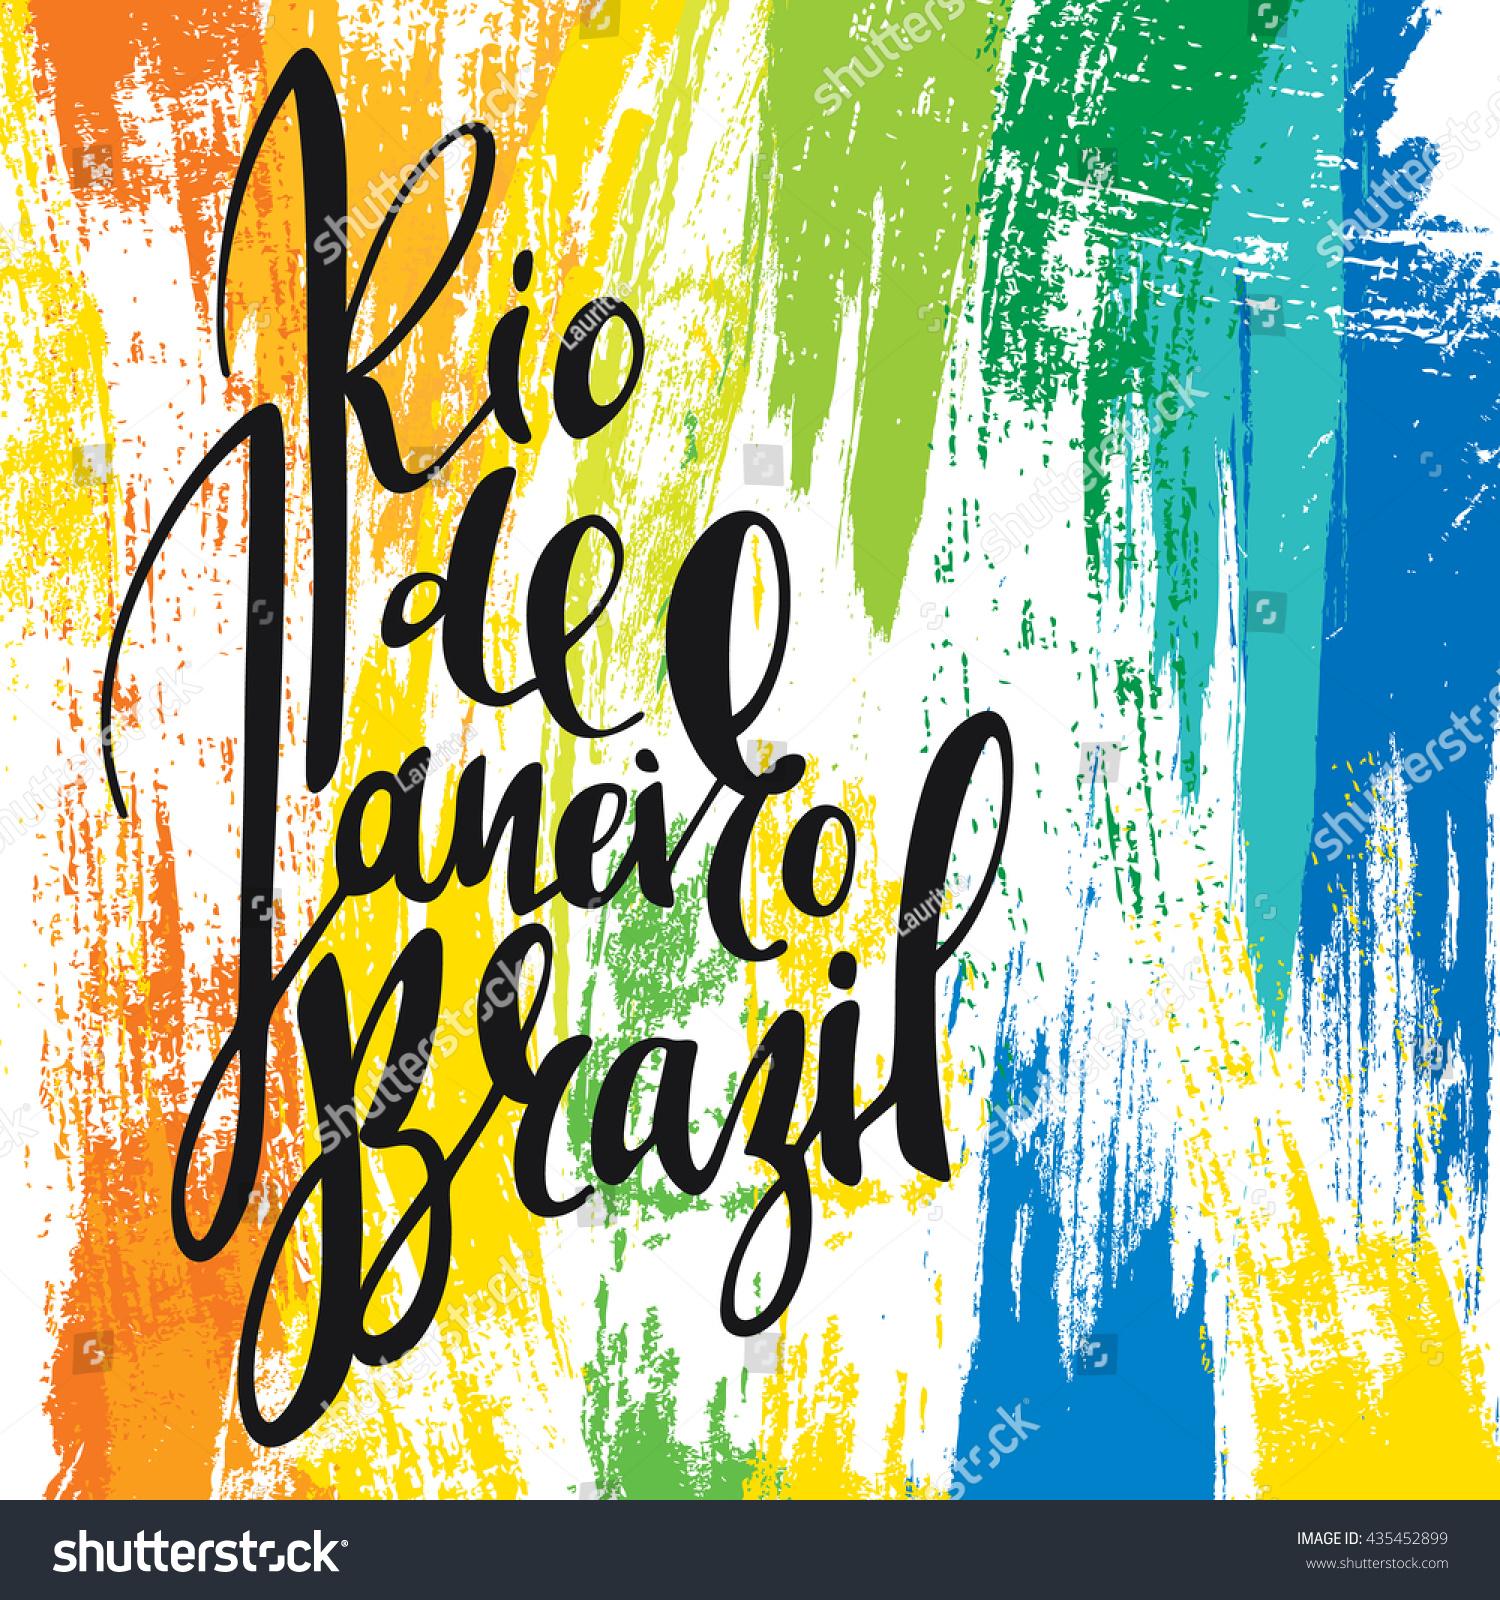 Handmade watercolor brazil flag brasil stock photos freeimages com - Inscription Rio De Janeiro Brazil Background Colors Of The Flag Calligraphy Handmade Greeting Cards